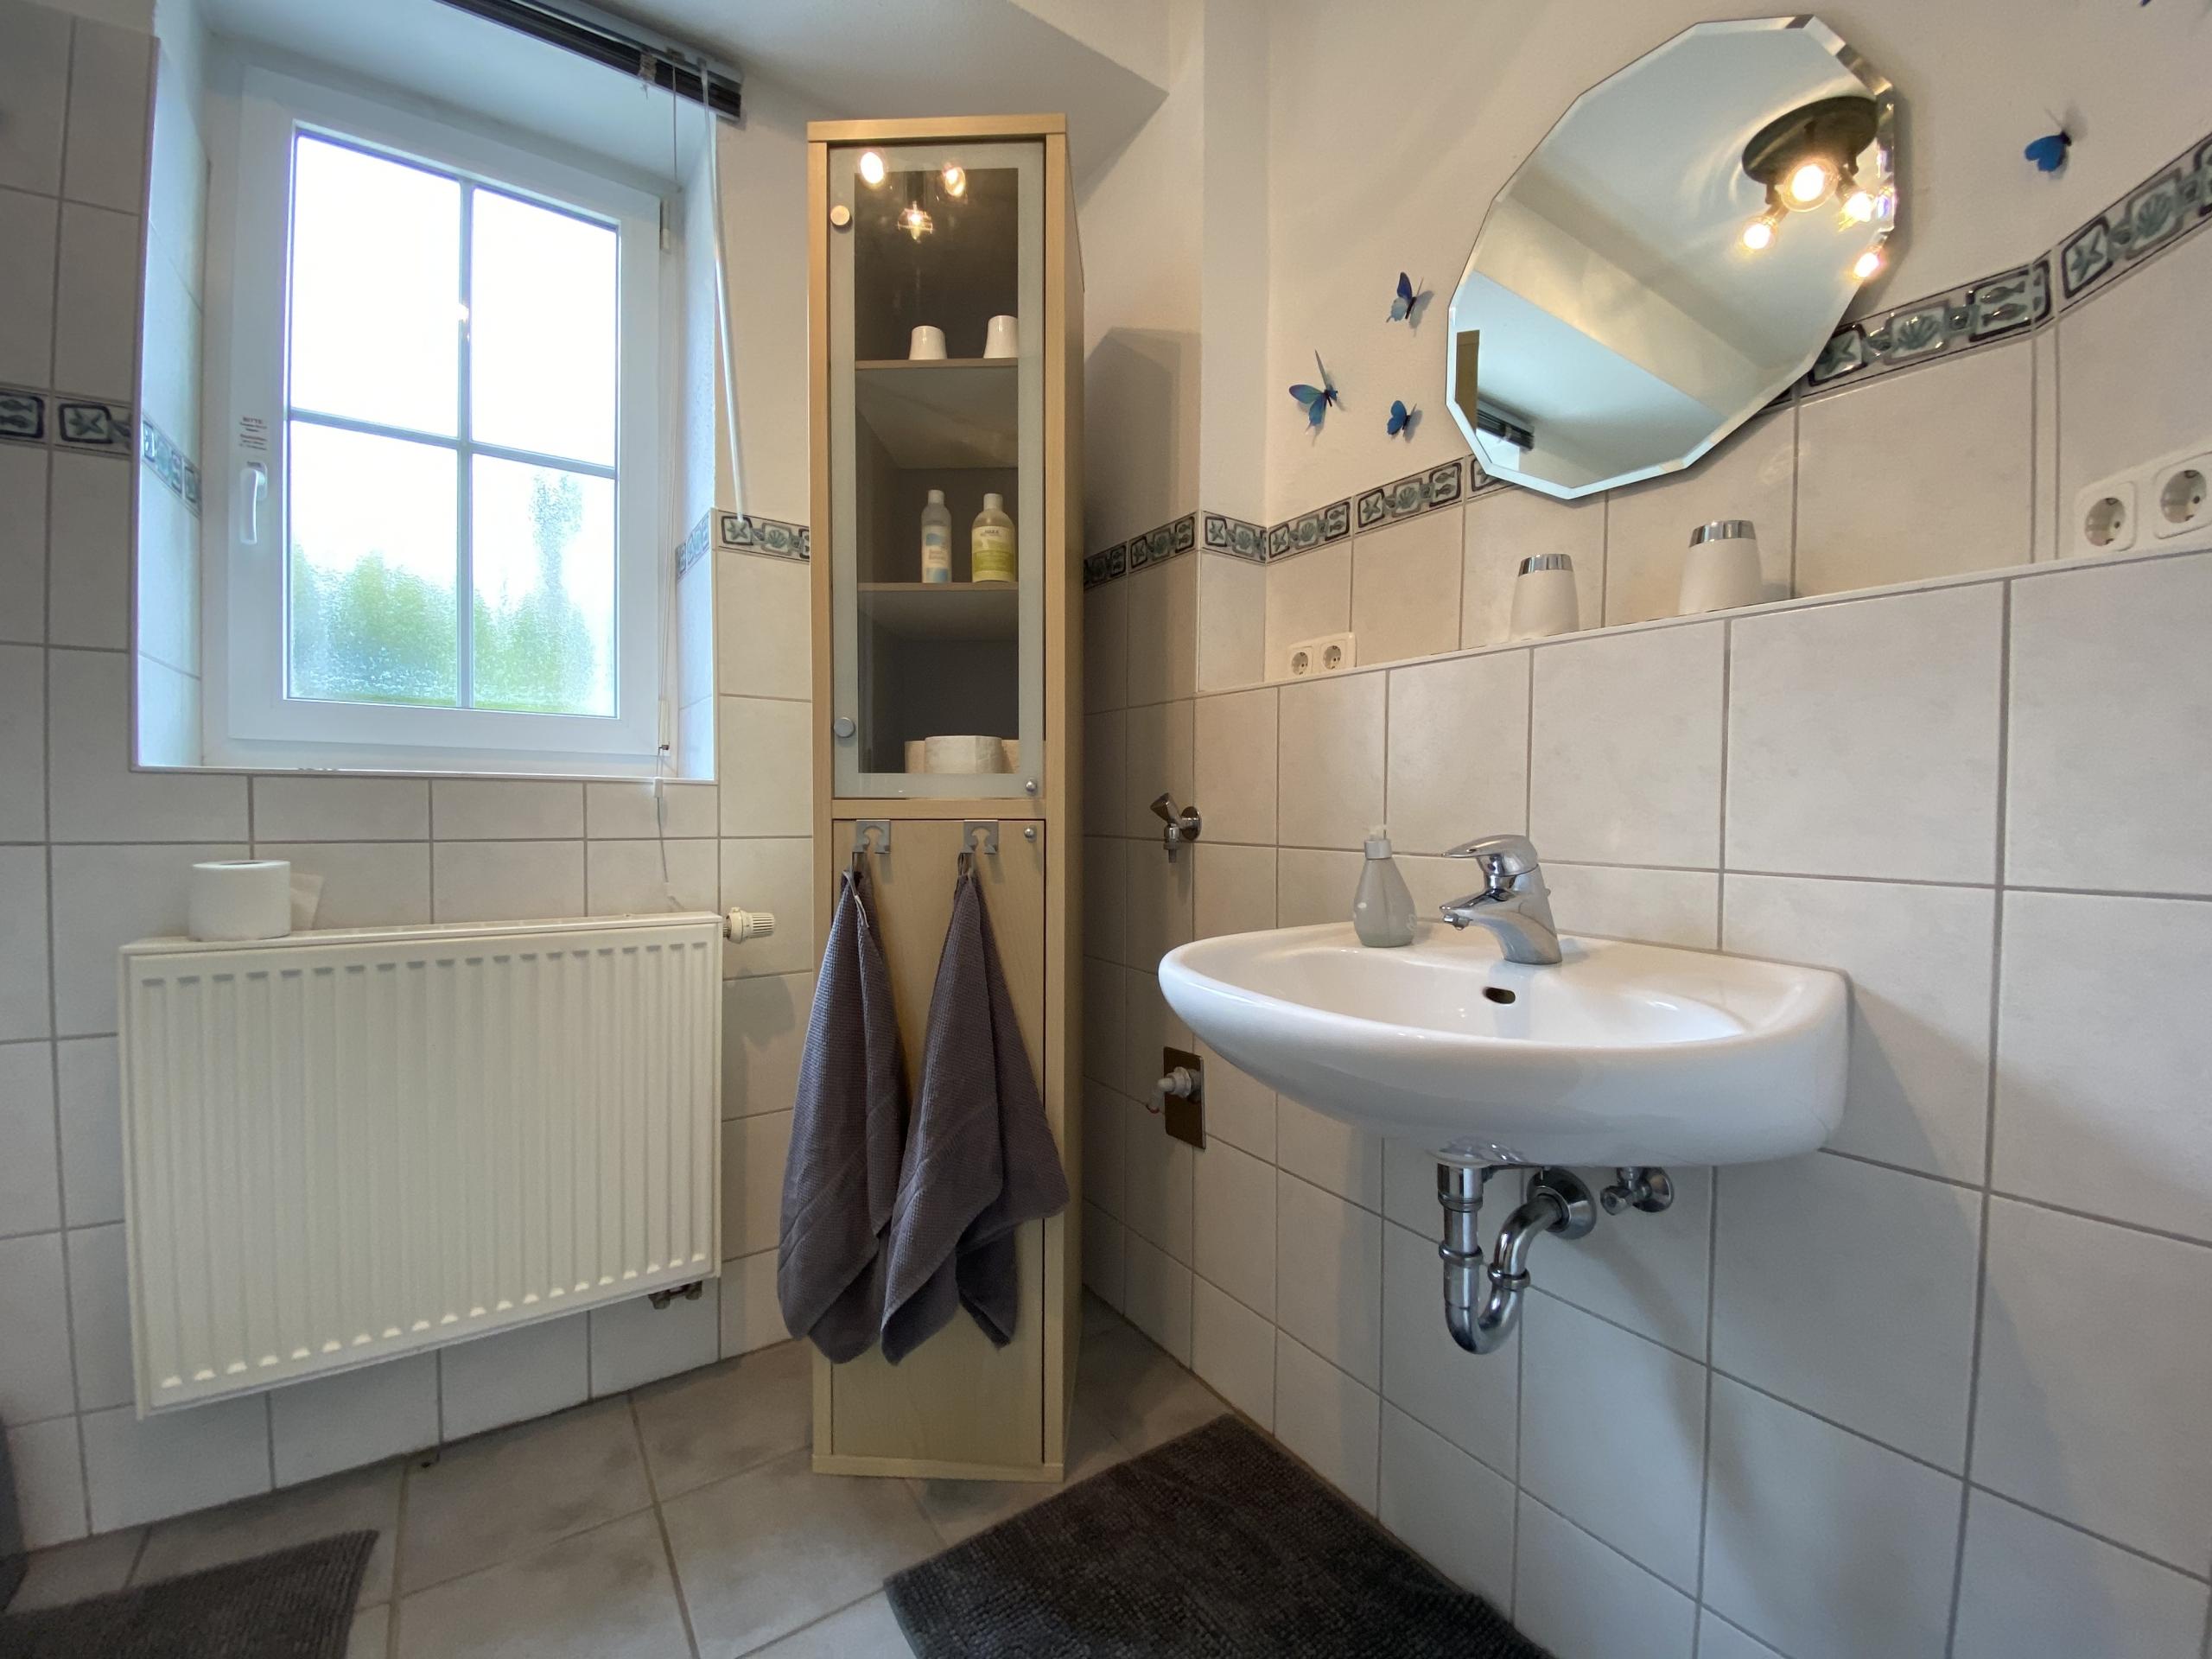 Badezimmer in der Ferienwohnung Harry Haag